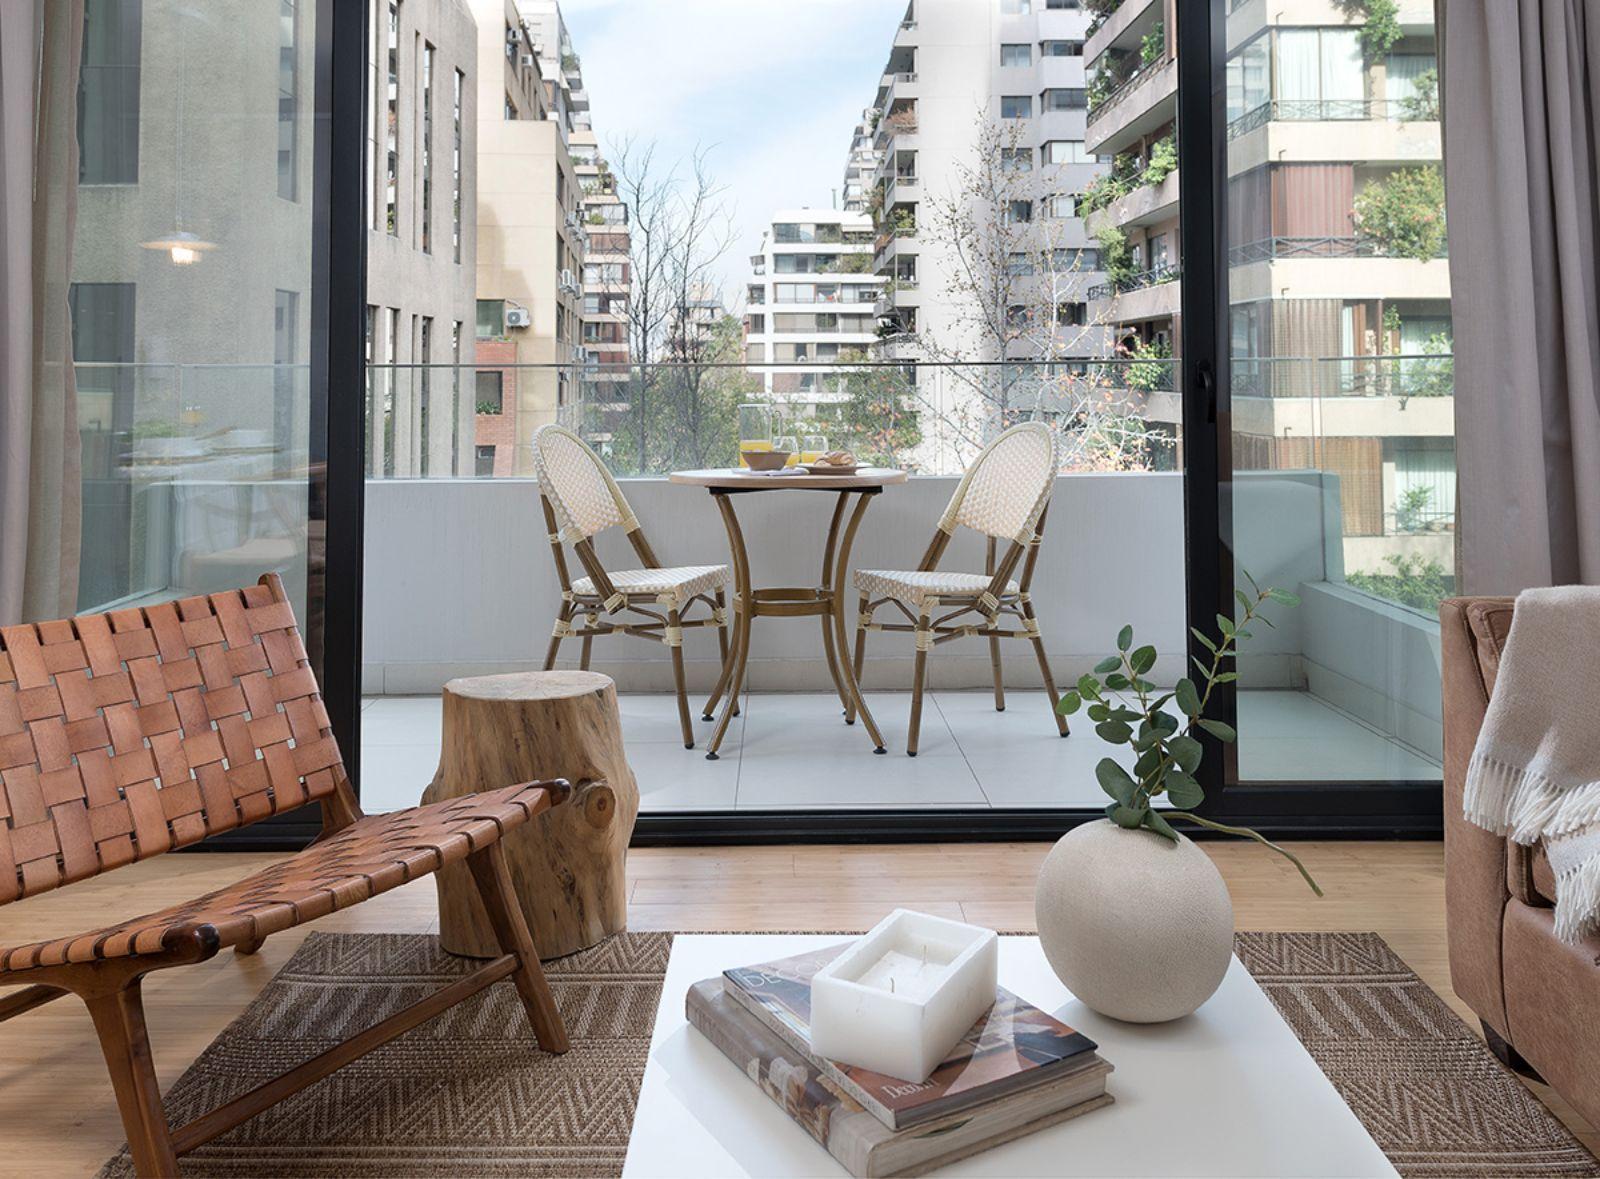 El Golf · Zip Housing · Santiago de Chile